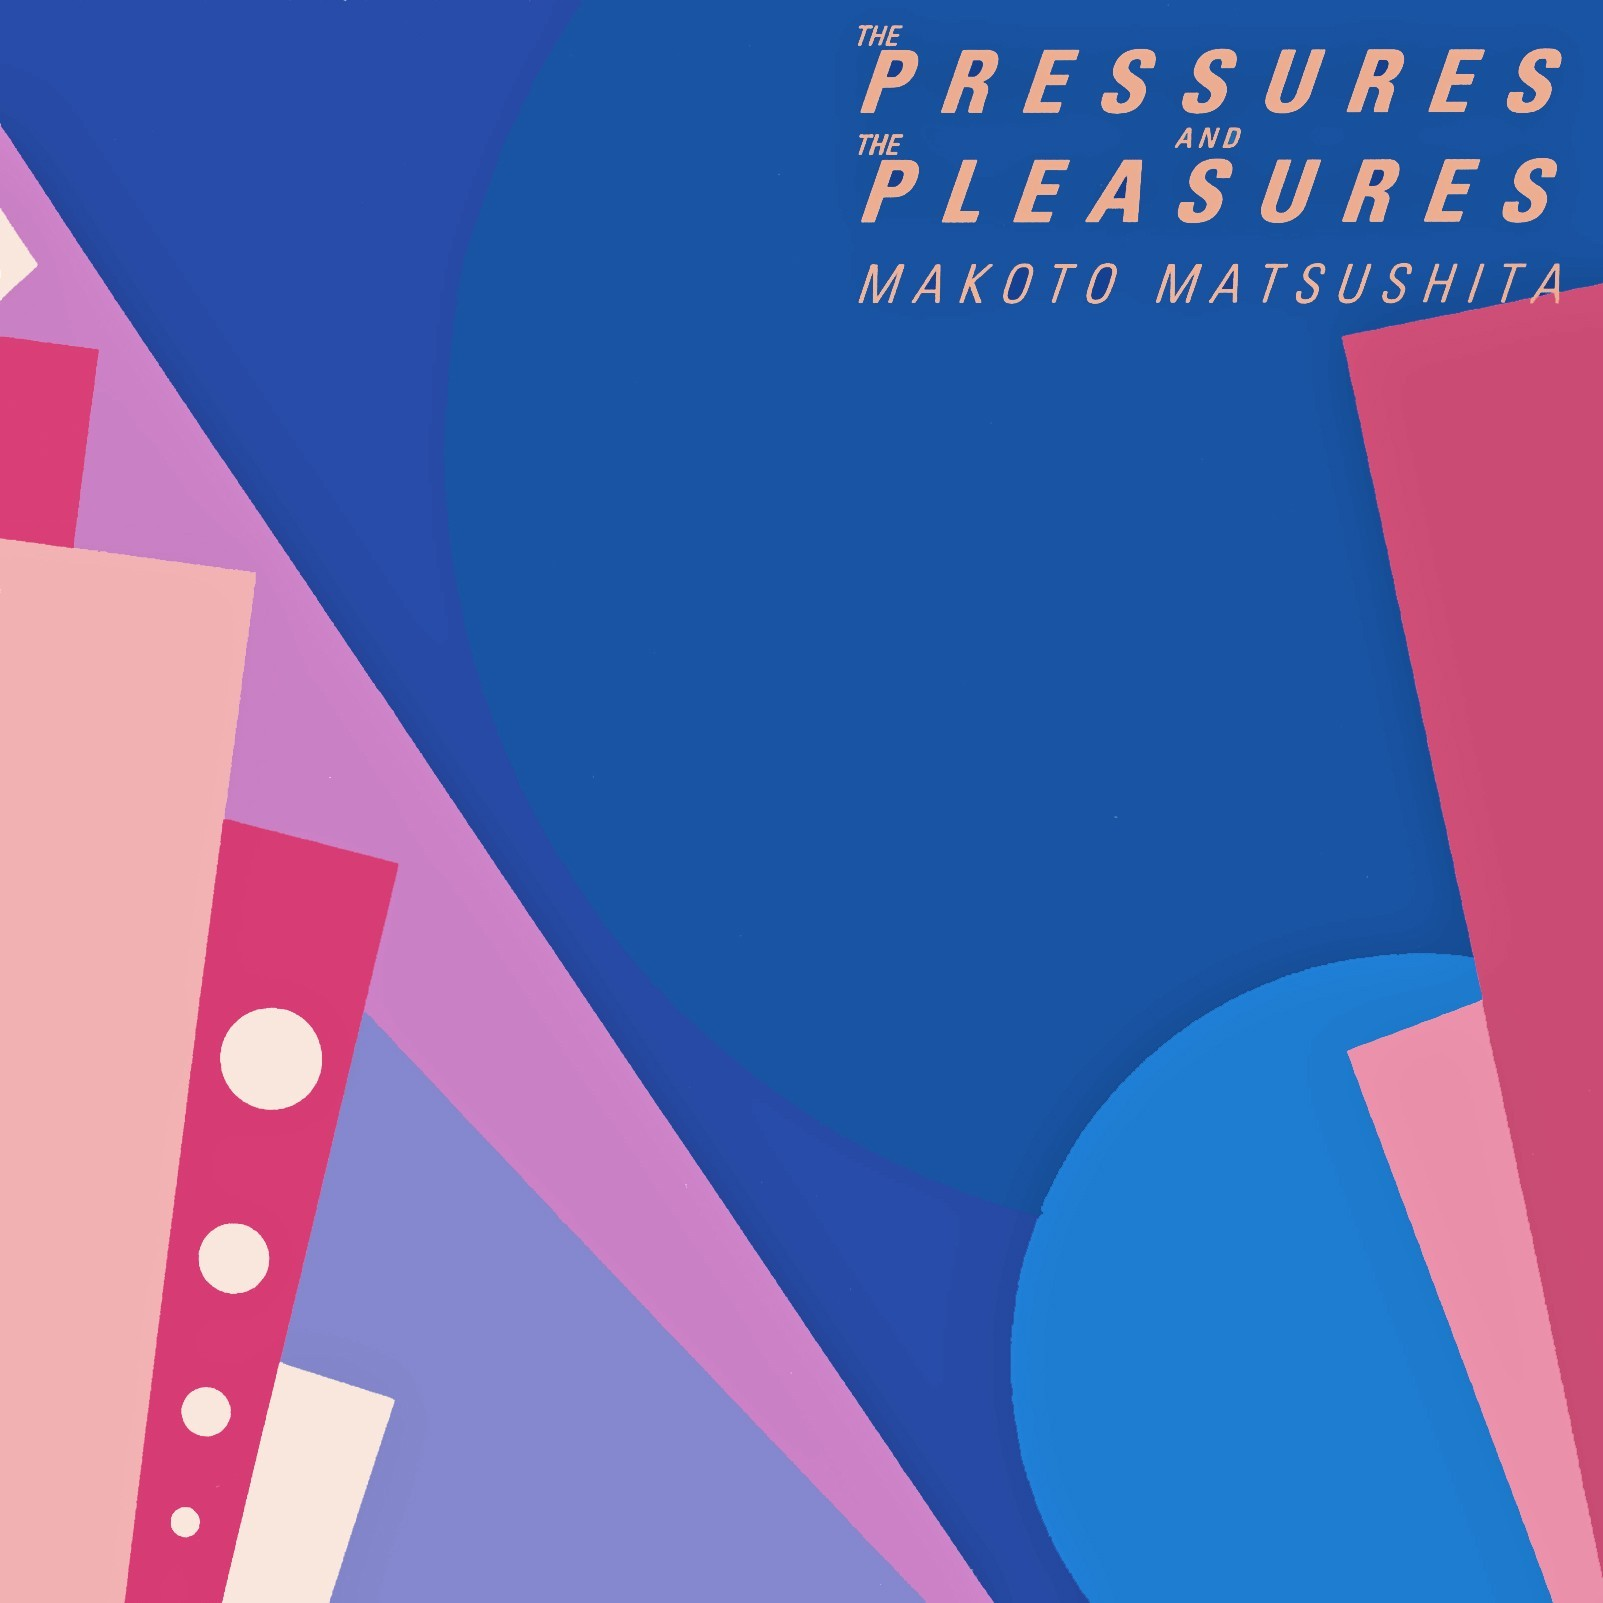 松下誠 (Makoto Matsushita) – THE PRESSURES AND PLEASURES (2018 Remaster) [FLAC / 24bit Lossless / WEB] [1982.04.21]